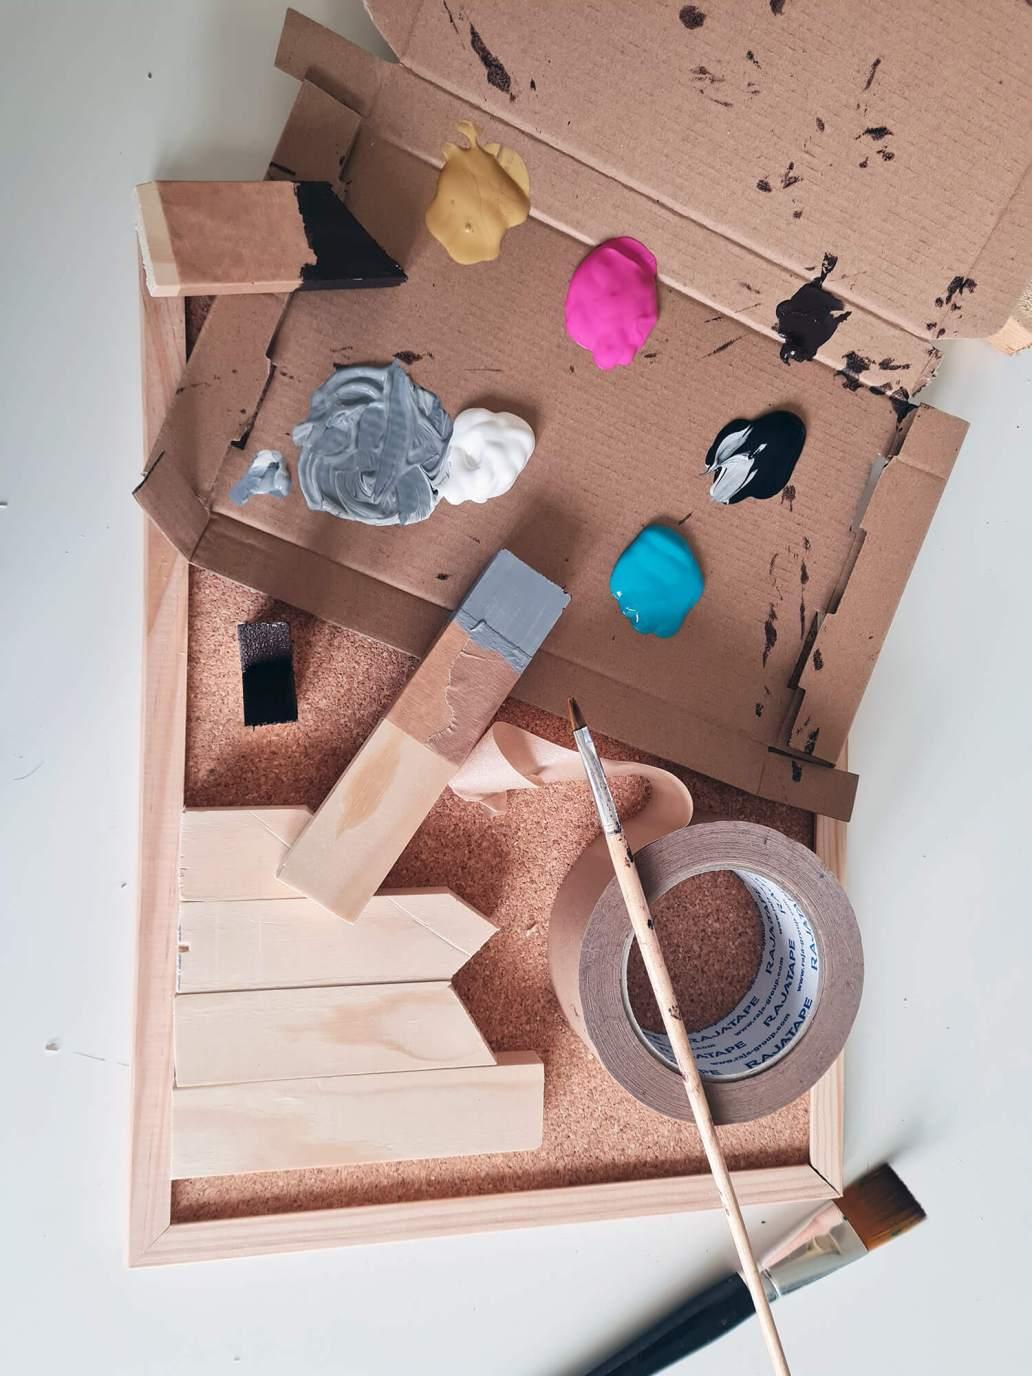 20210130 161612 - DIY : fabriquer un pegboard pour mieux s'organiser au bureau